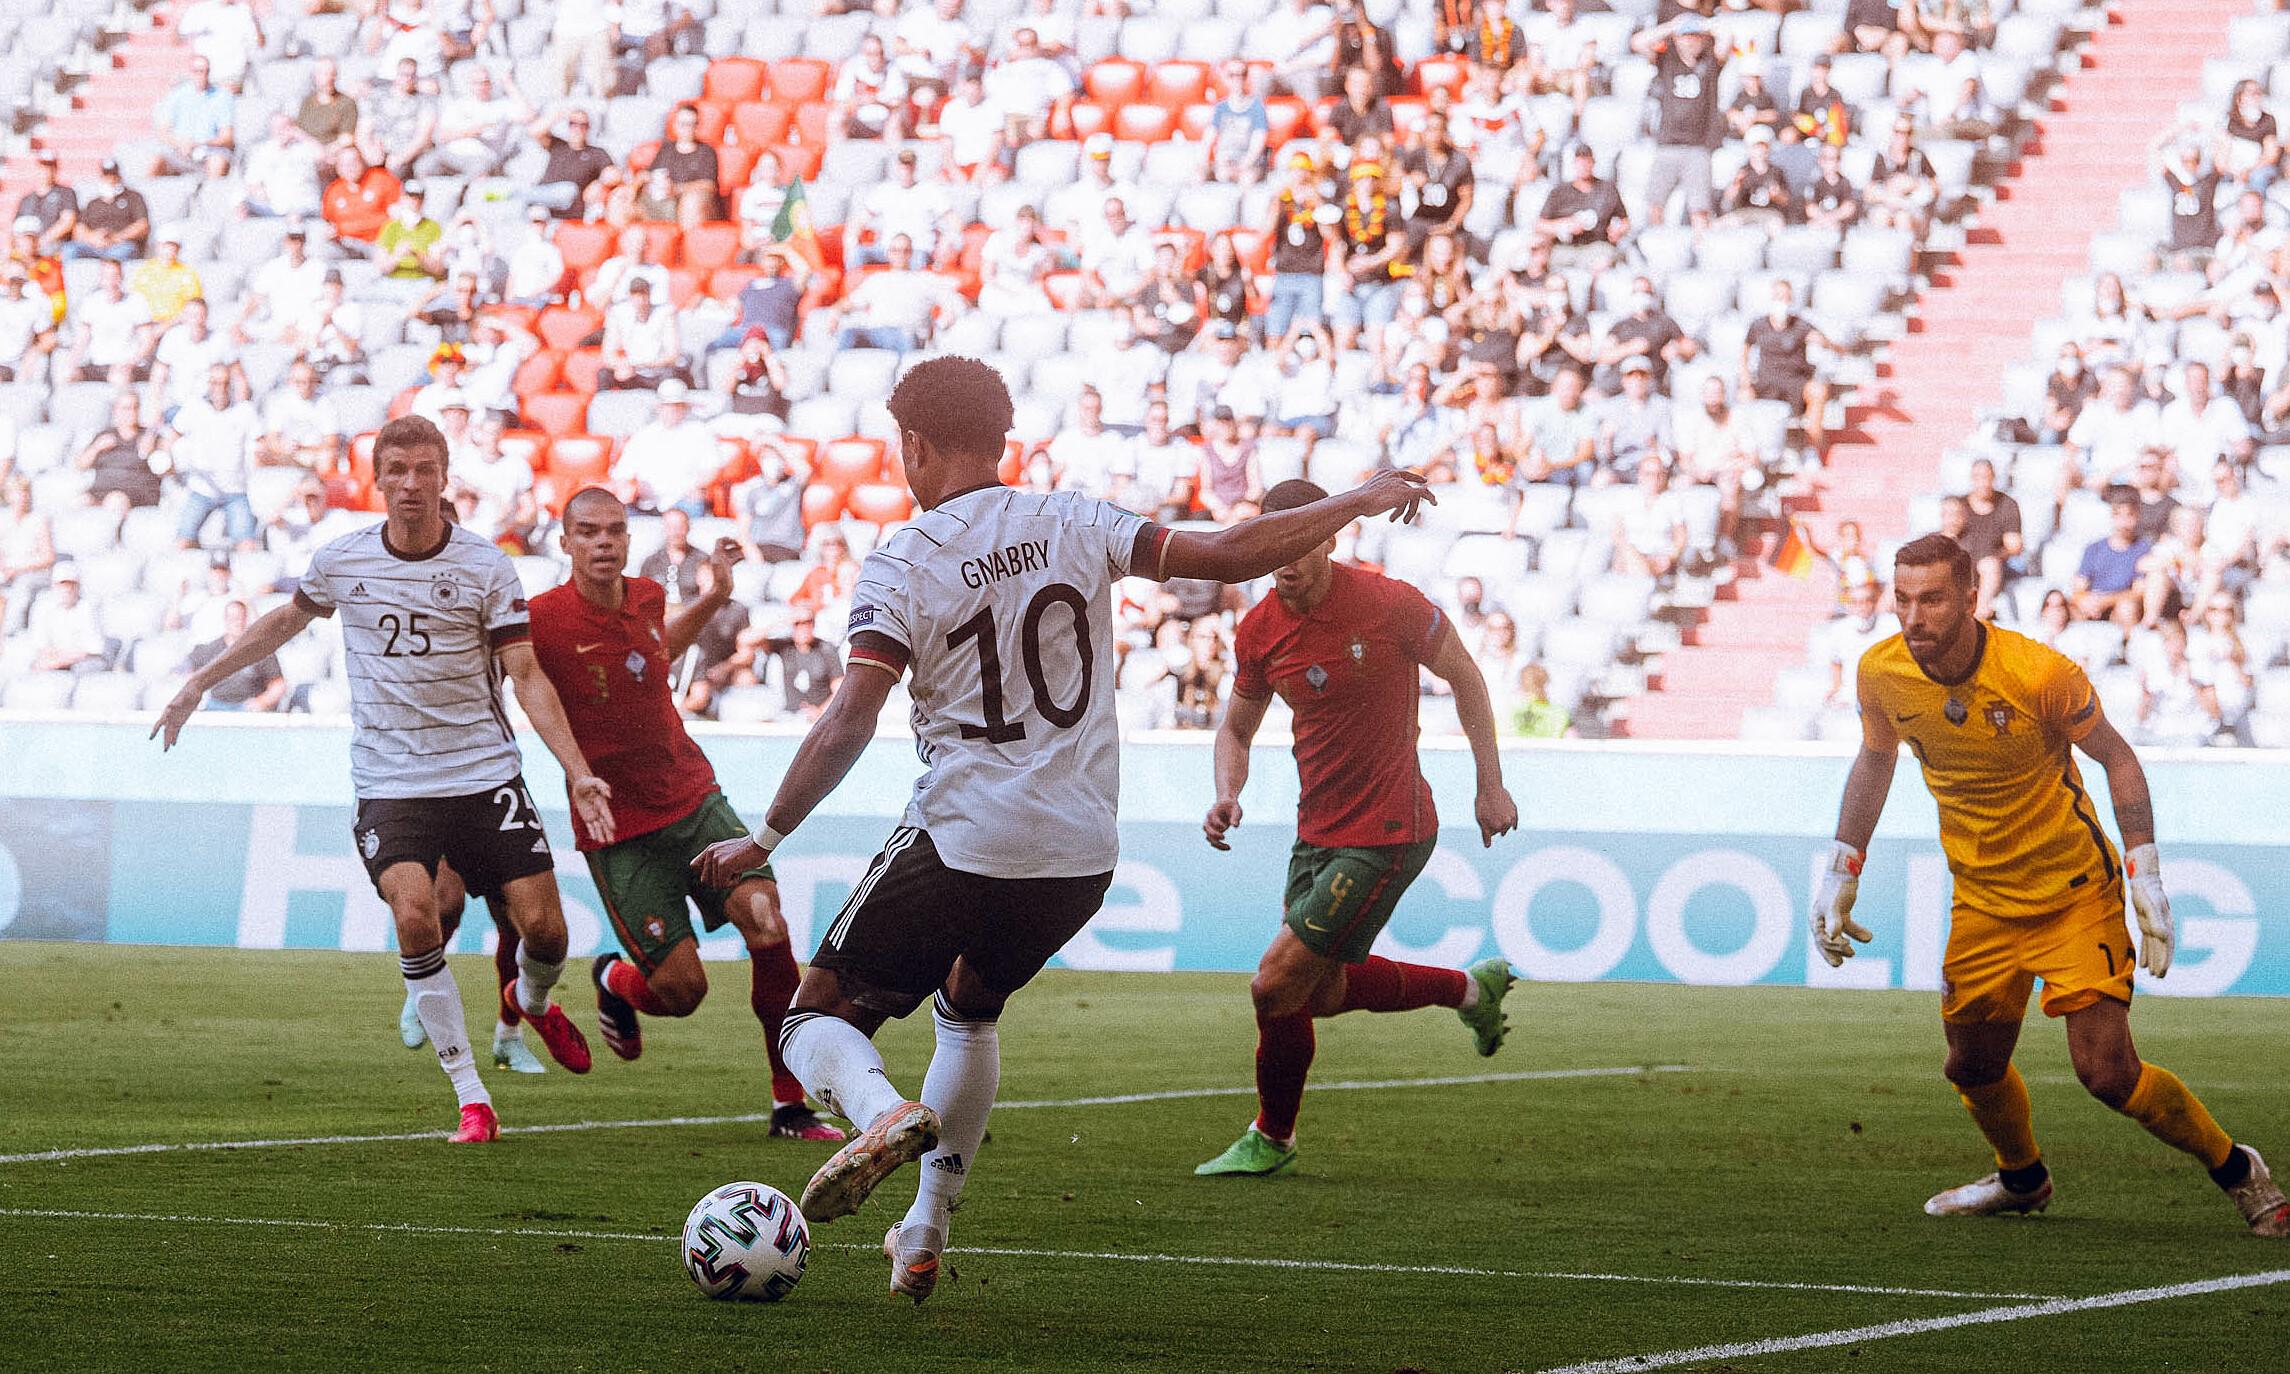 Đức tấn công rất hiệu quả trong hệ thống 3-4-3 với Gnarby và Havertz luân phiên đá ở vị trí số 9 ảo. Ảnh: DFB